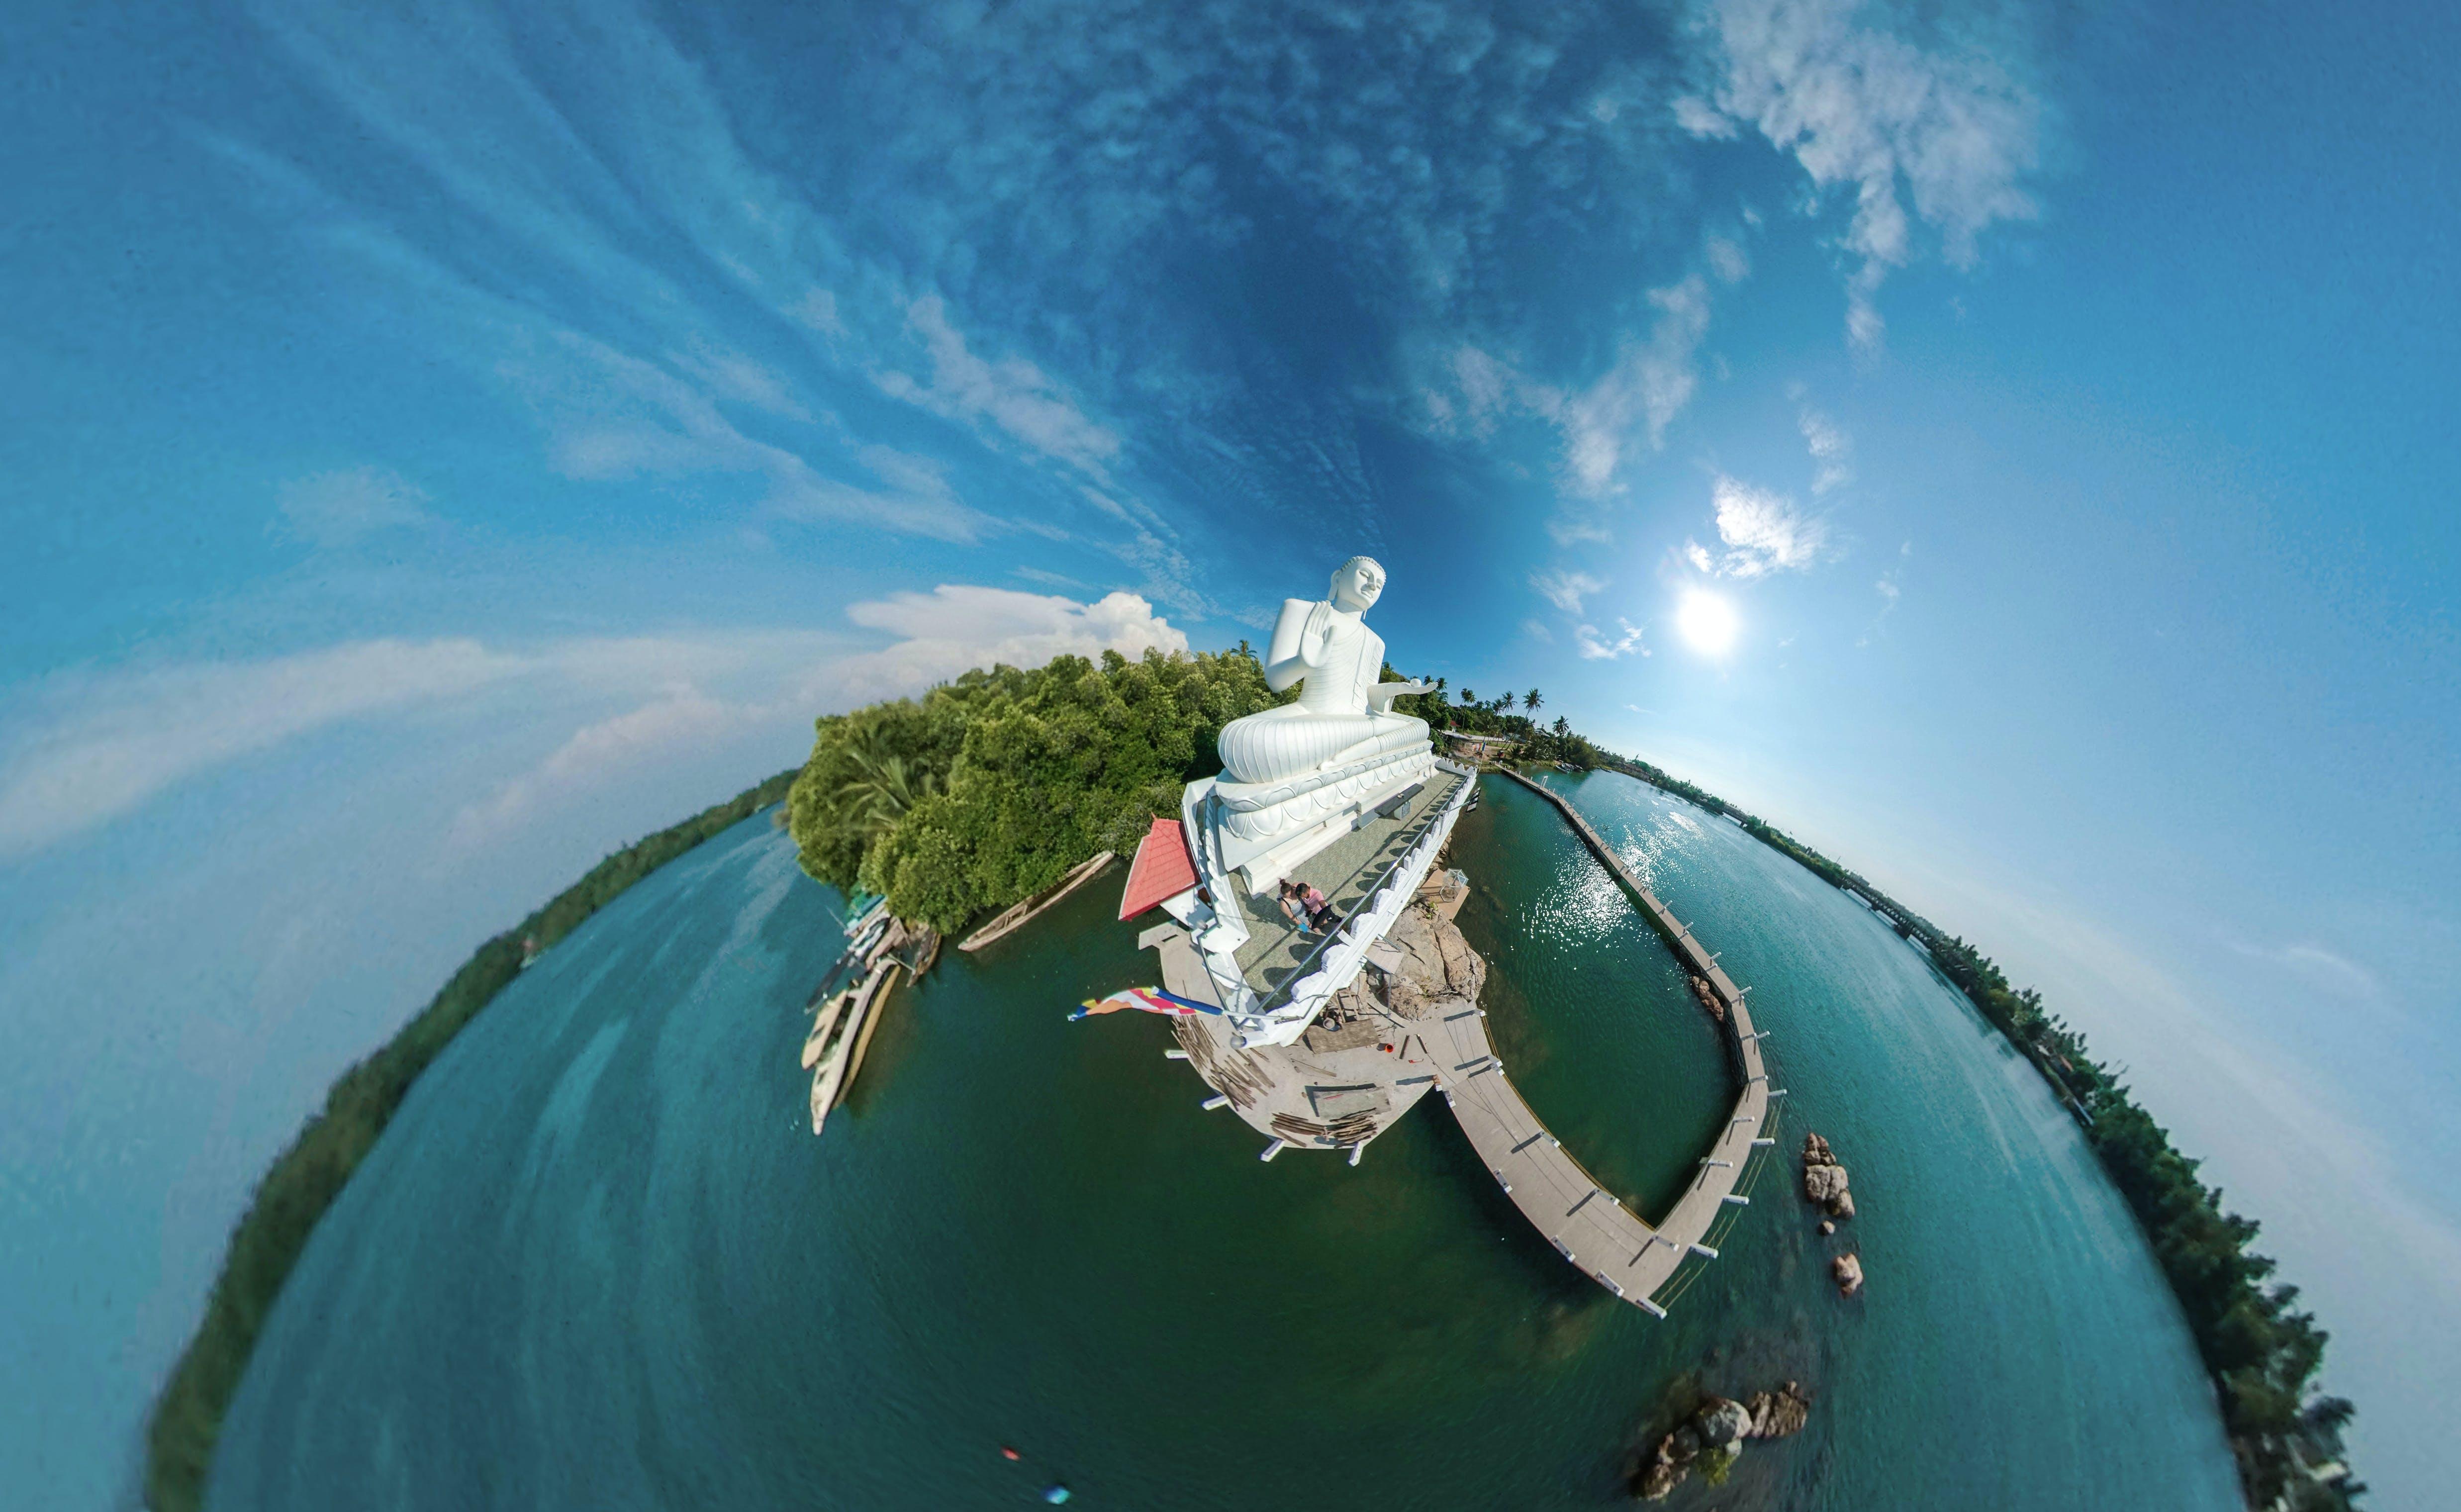 คลังภาพถ่ายฟรี ของ กลางวัน, กลางแจ้ง, การถ่ายภาพ 360 องศา, การท่องเที่ยว